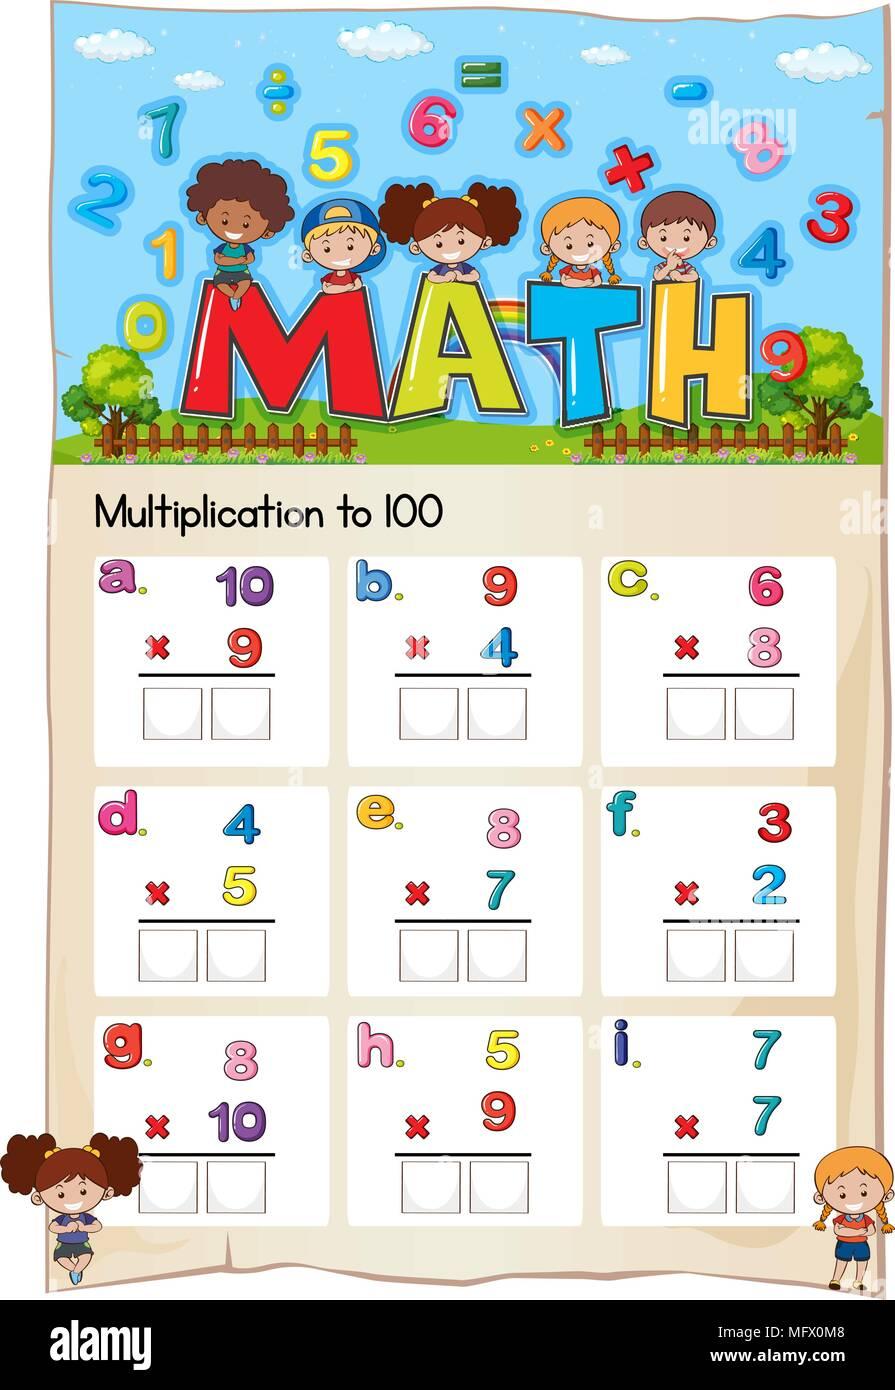 Math worksheet for multiplication to hundred illustration - Stock Vector